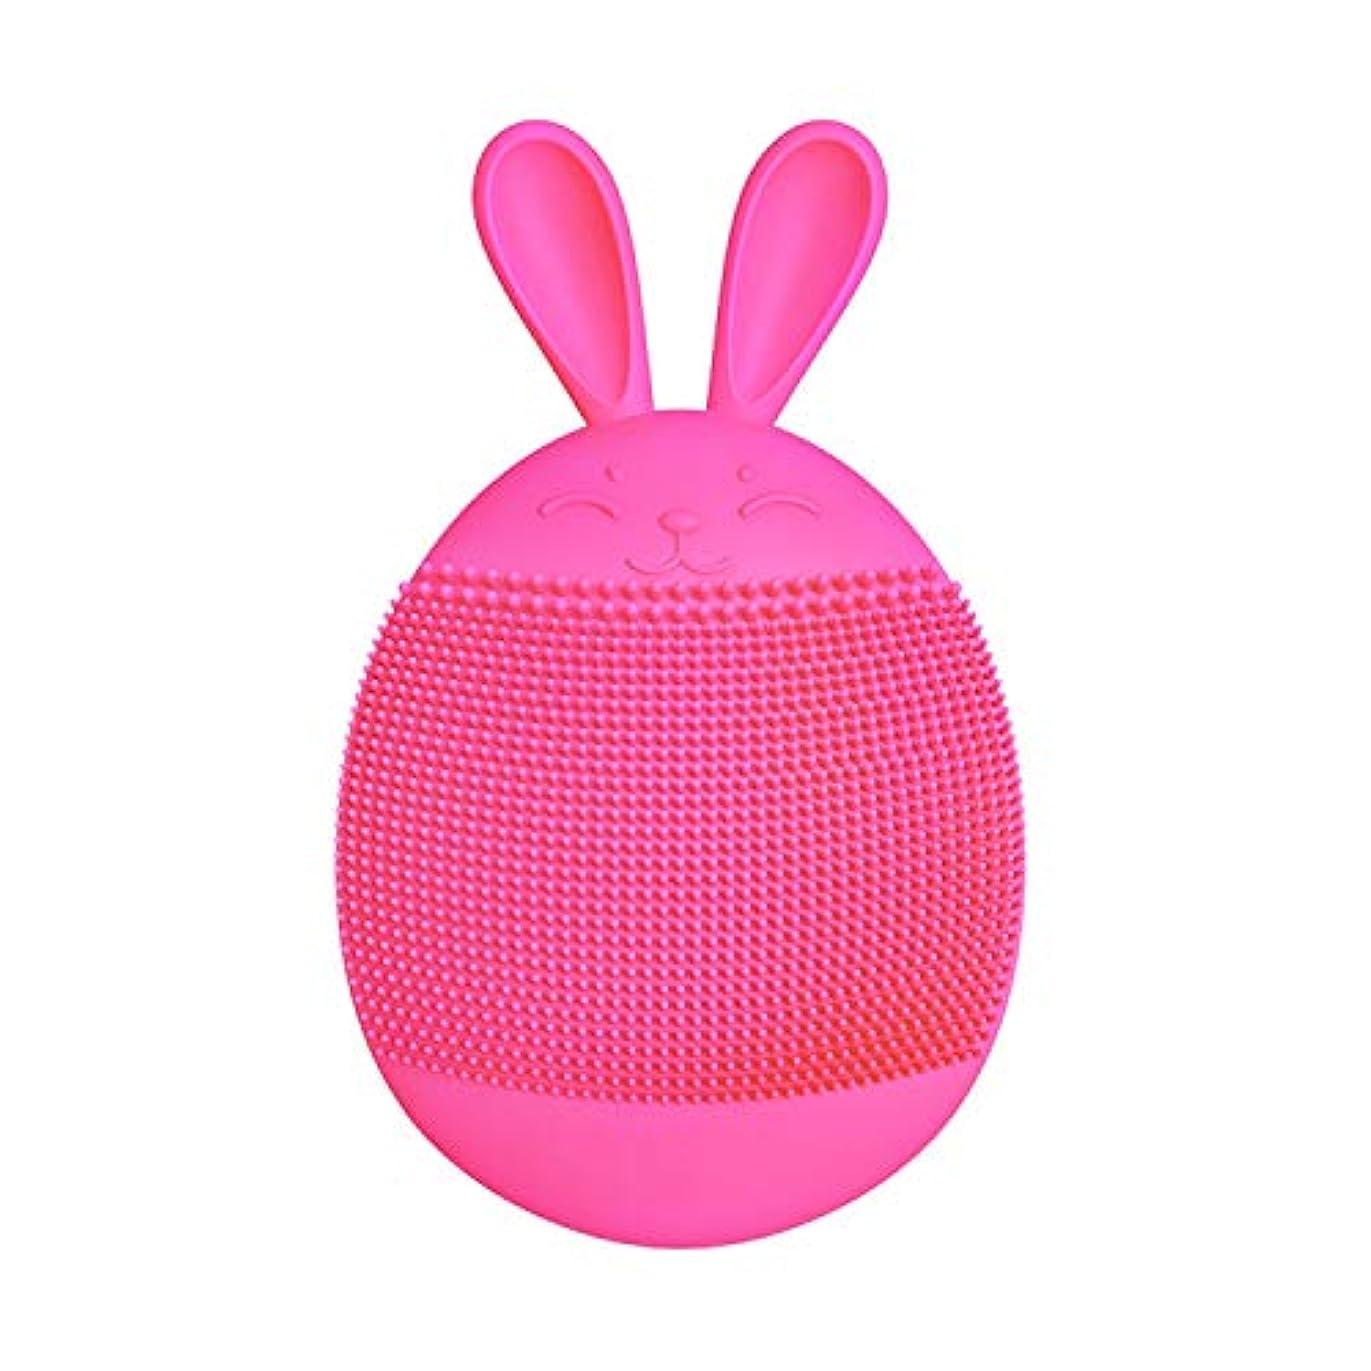 カウントアップ結婚した面白いクレンジングブラシ、シリコンハンドヘルド電動クレンジング楽器多機能ポータブル洗顔美容器具(ピンク),D